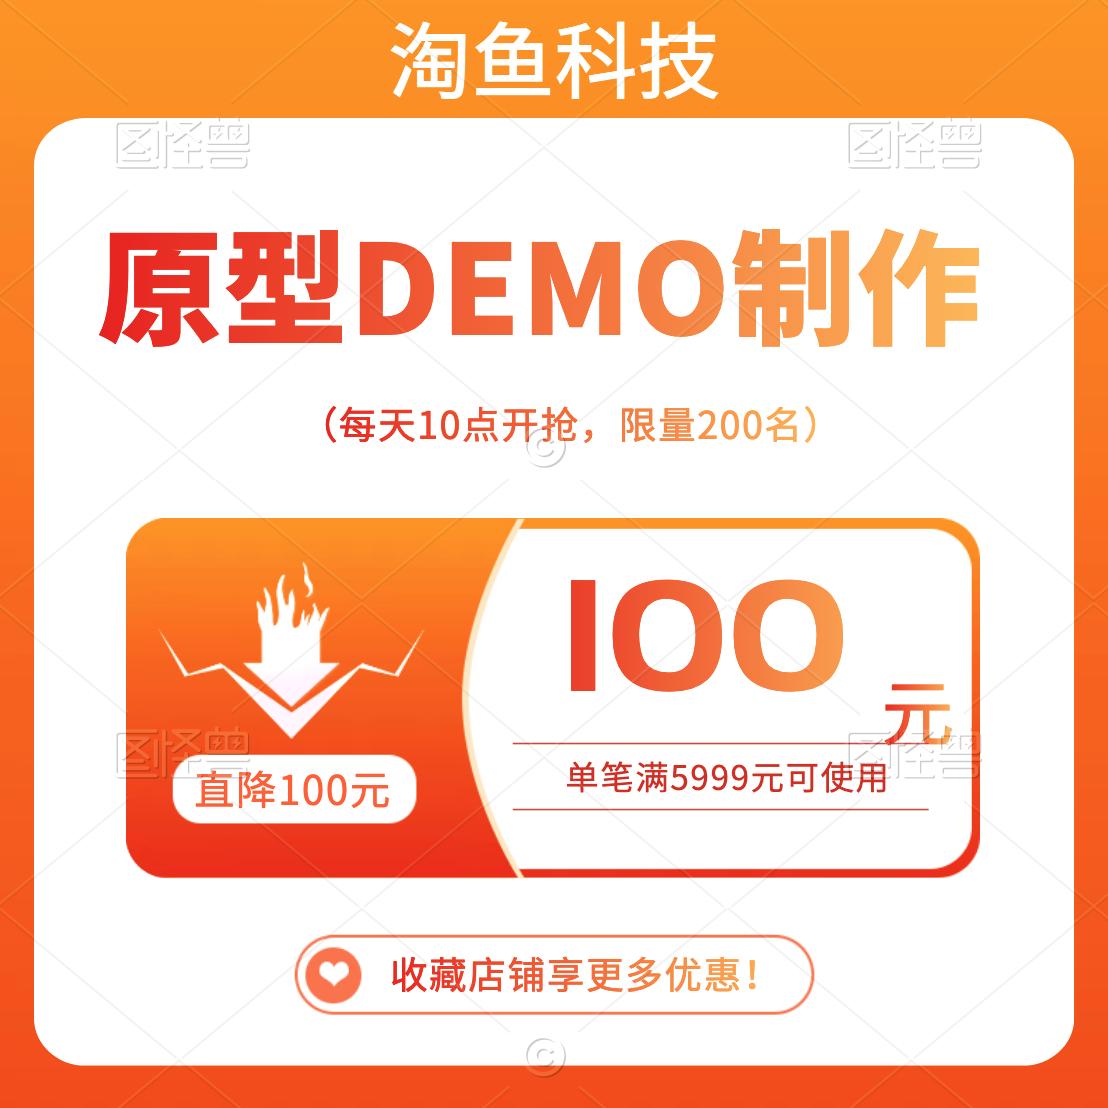 原型设计demo需求梳理功能方案